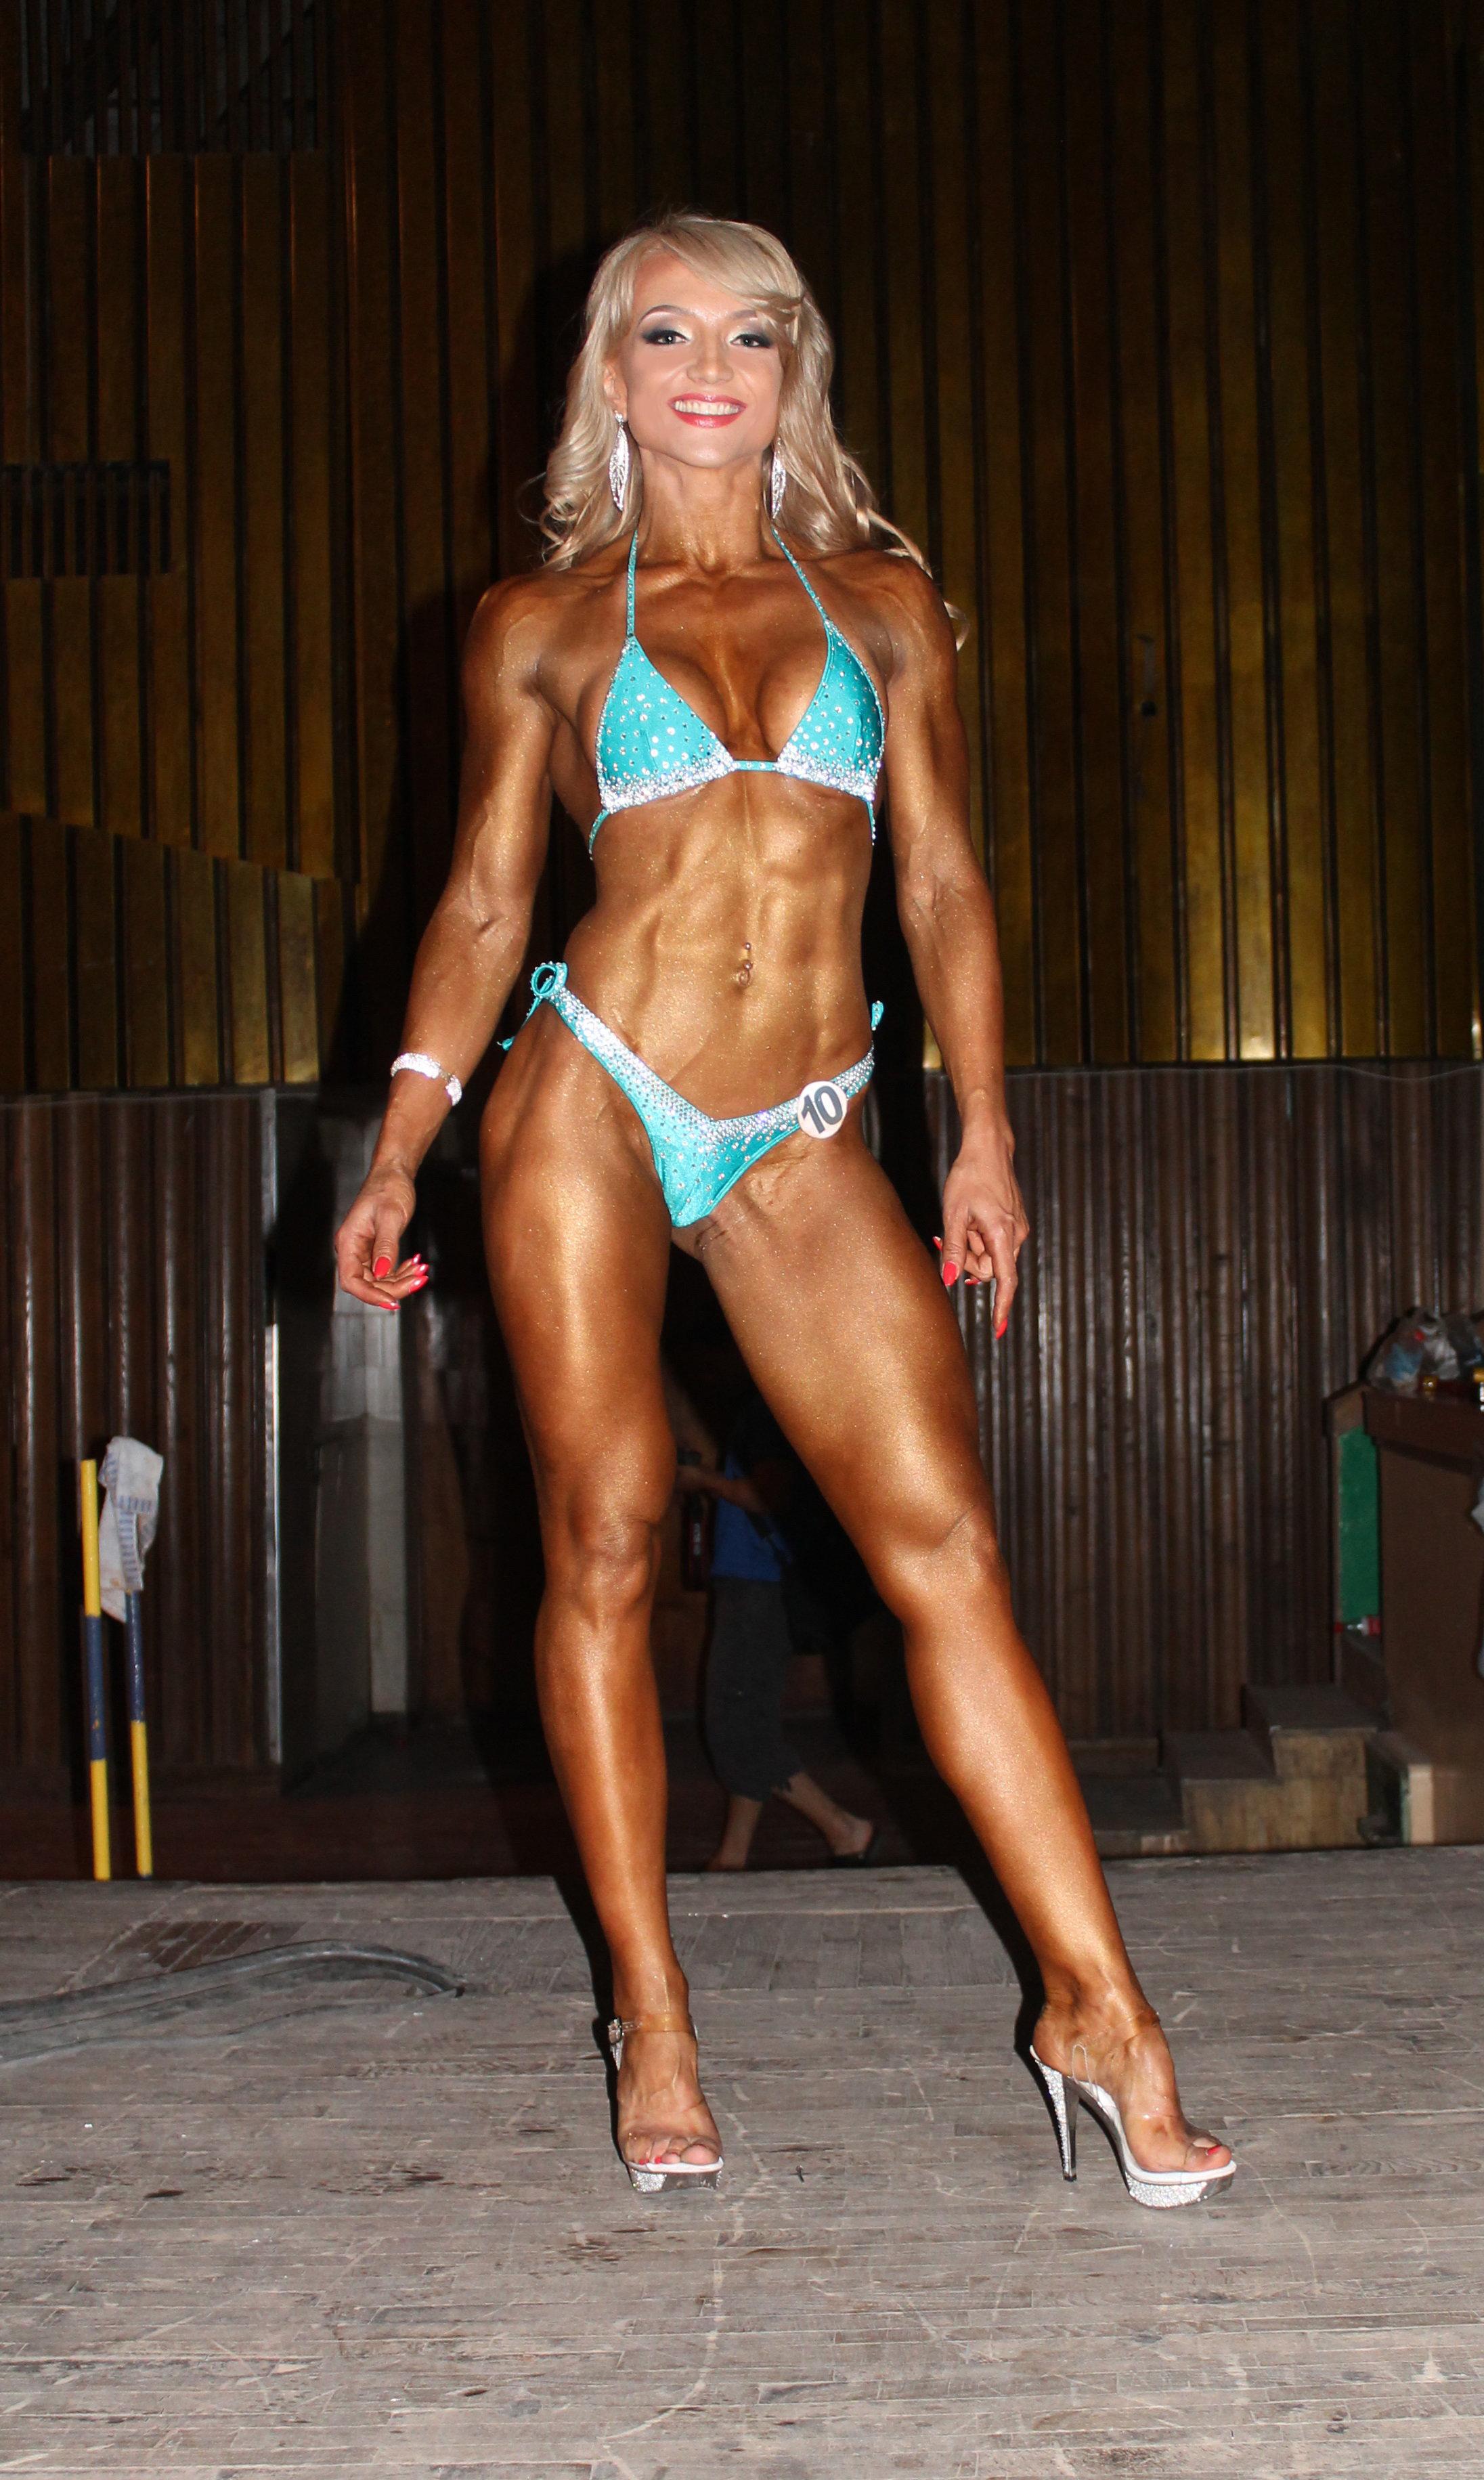 Бразильская тренировка: жопы чемпионок фото 683-206